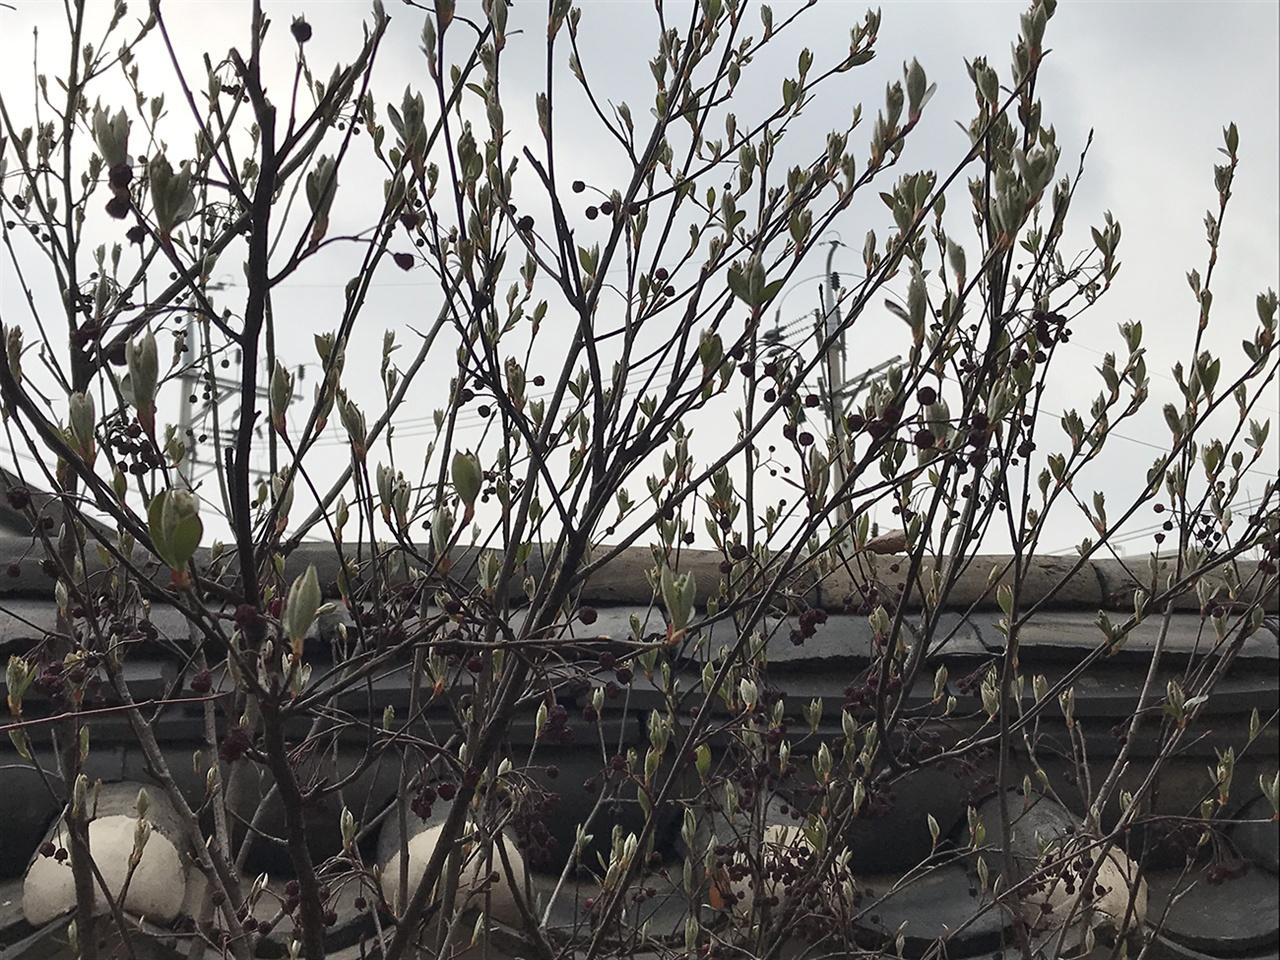 마당에 심은 이 나무의 변화로 봄을 느낀다. 나무도 자라고 내 마음도 자란다.